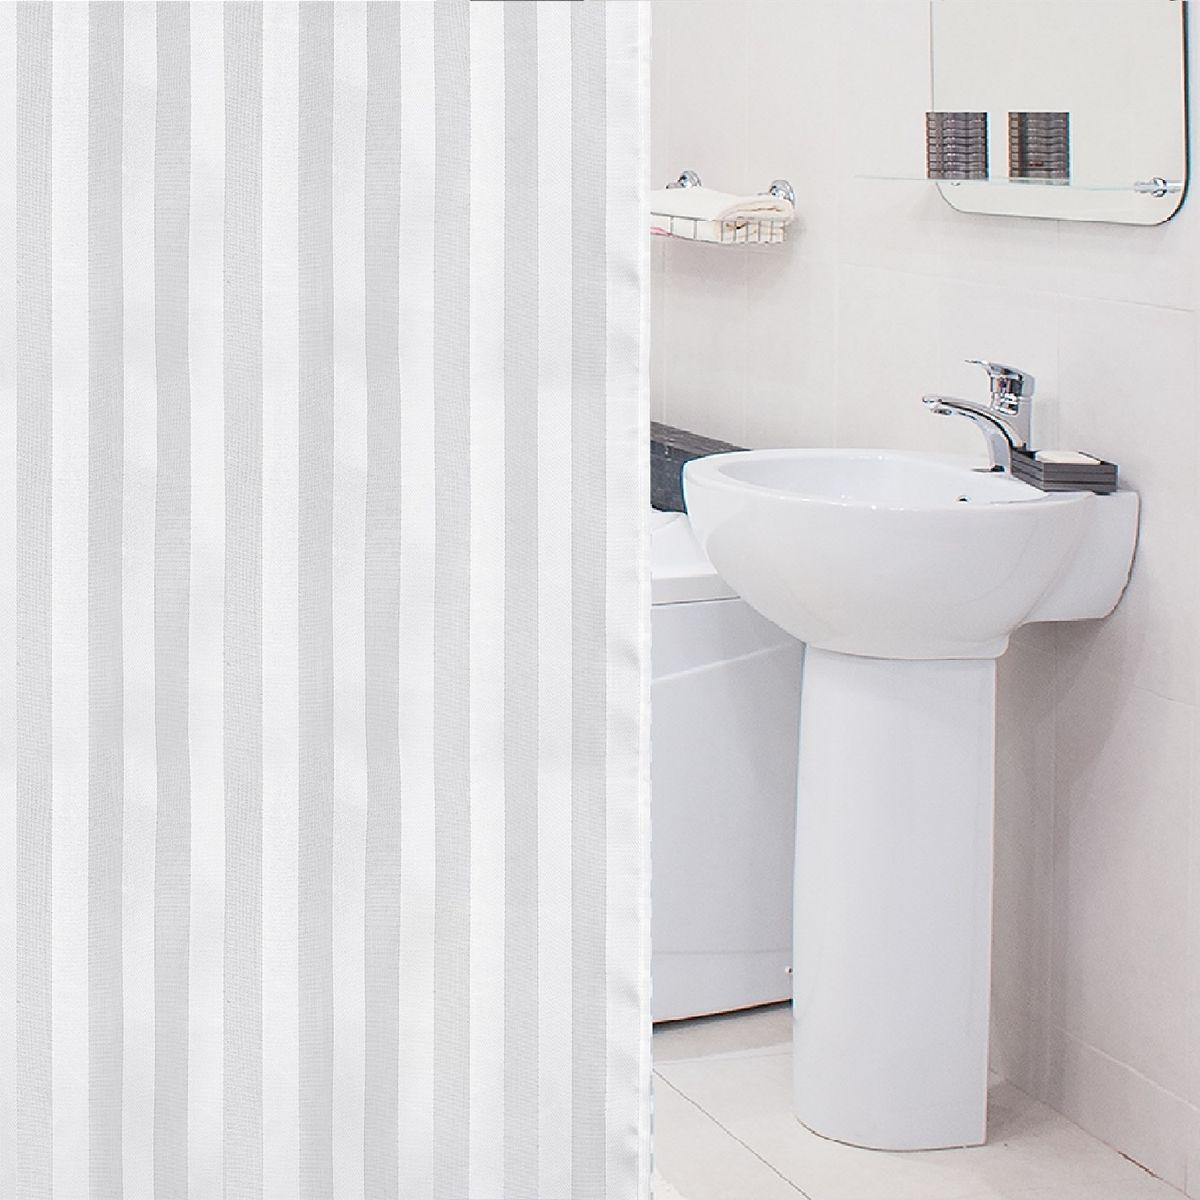 Фото - Штора для ванной комнаты Tatkraft Harmony, с кольцами, 180 х 180 см шторка для ванной tatkraft seagull цвет белый синий 180 см х 180 см